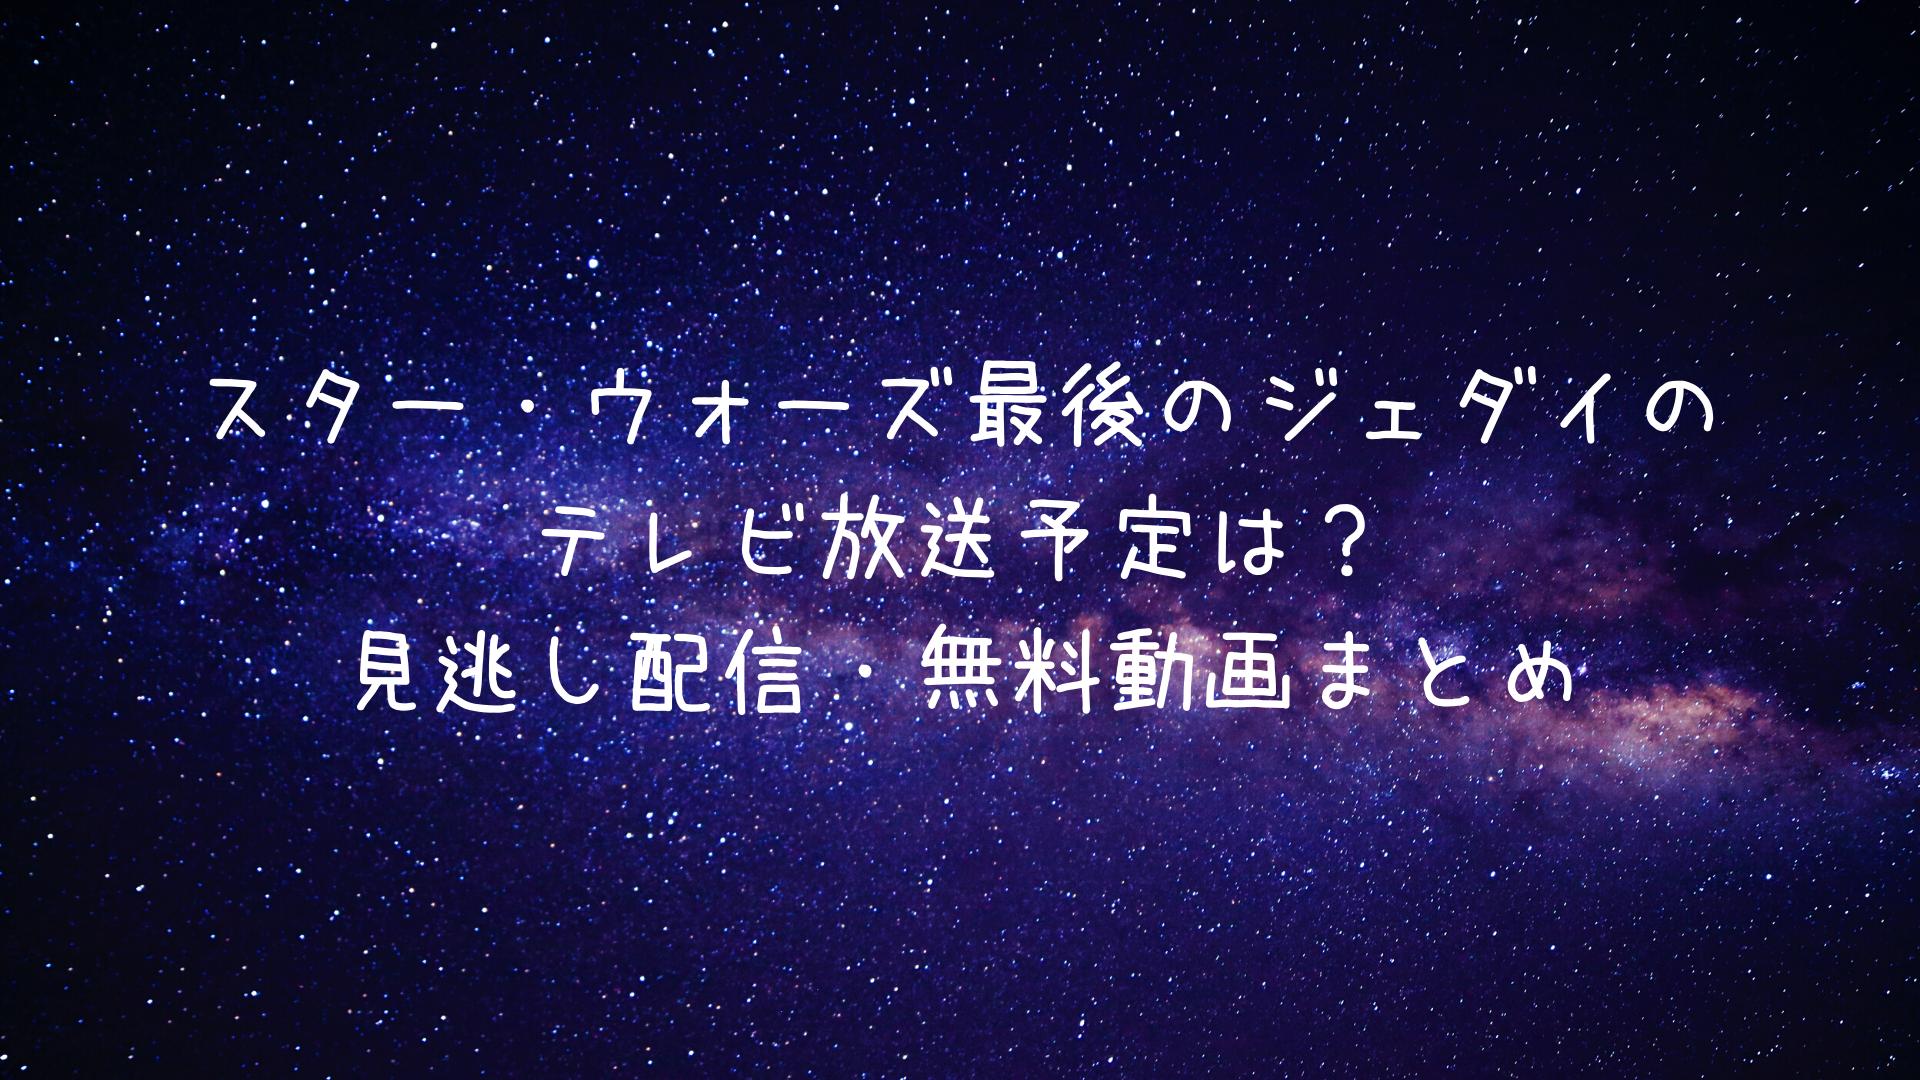 スター ウォーズ テレビ